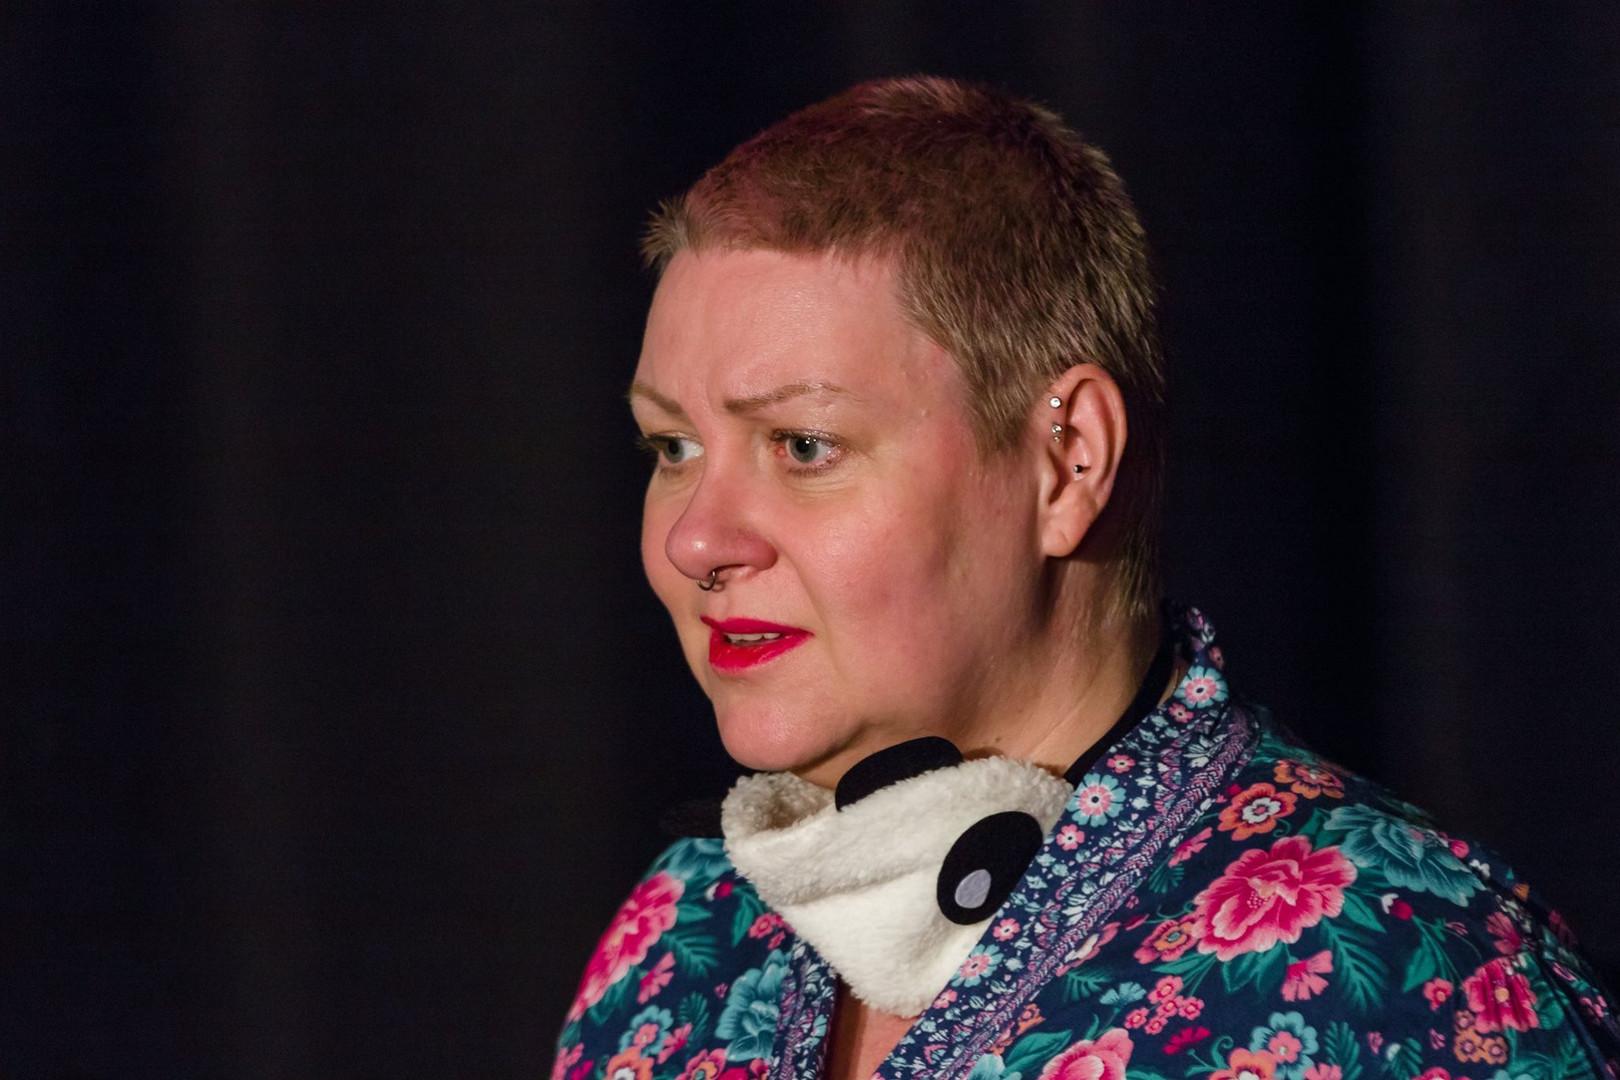 Louise Van Der Watt